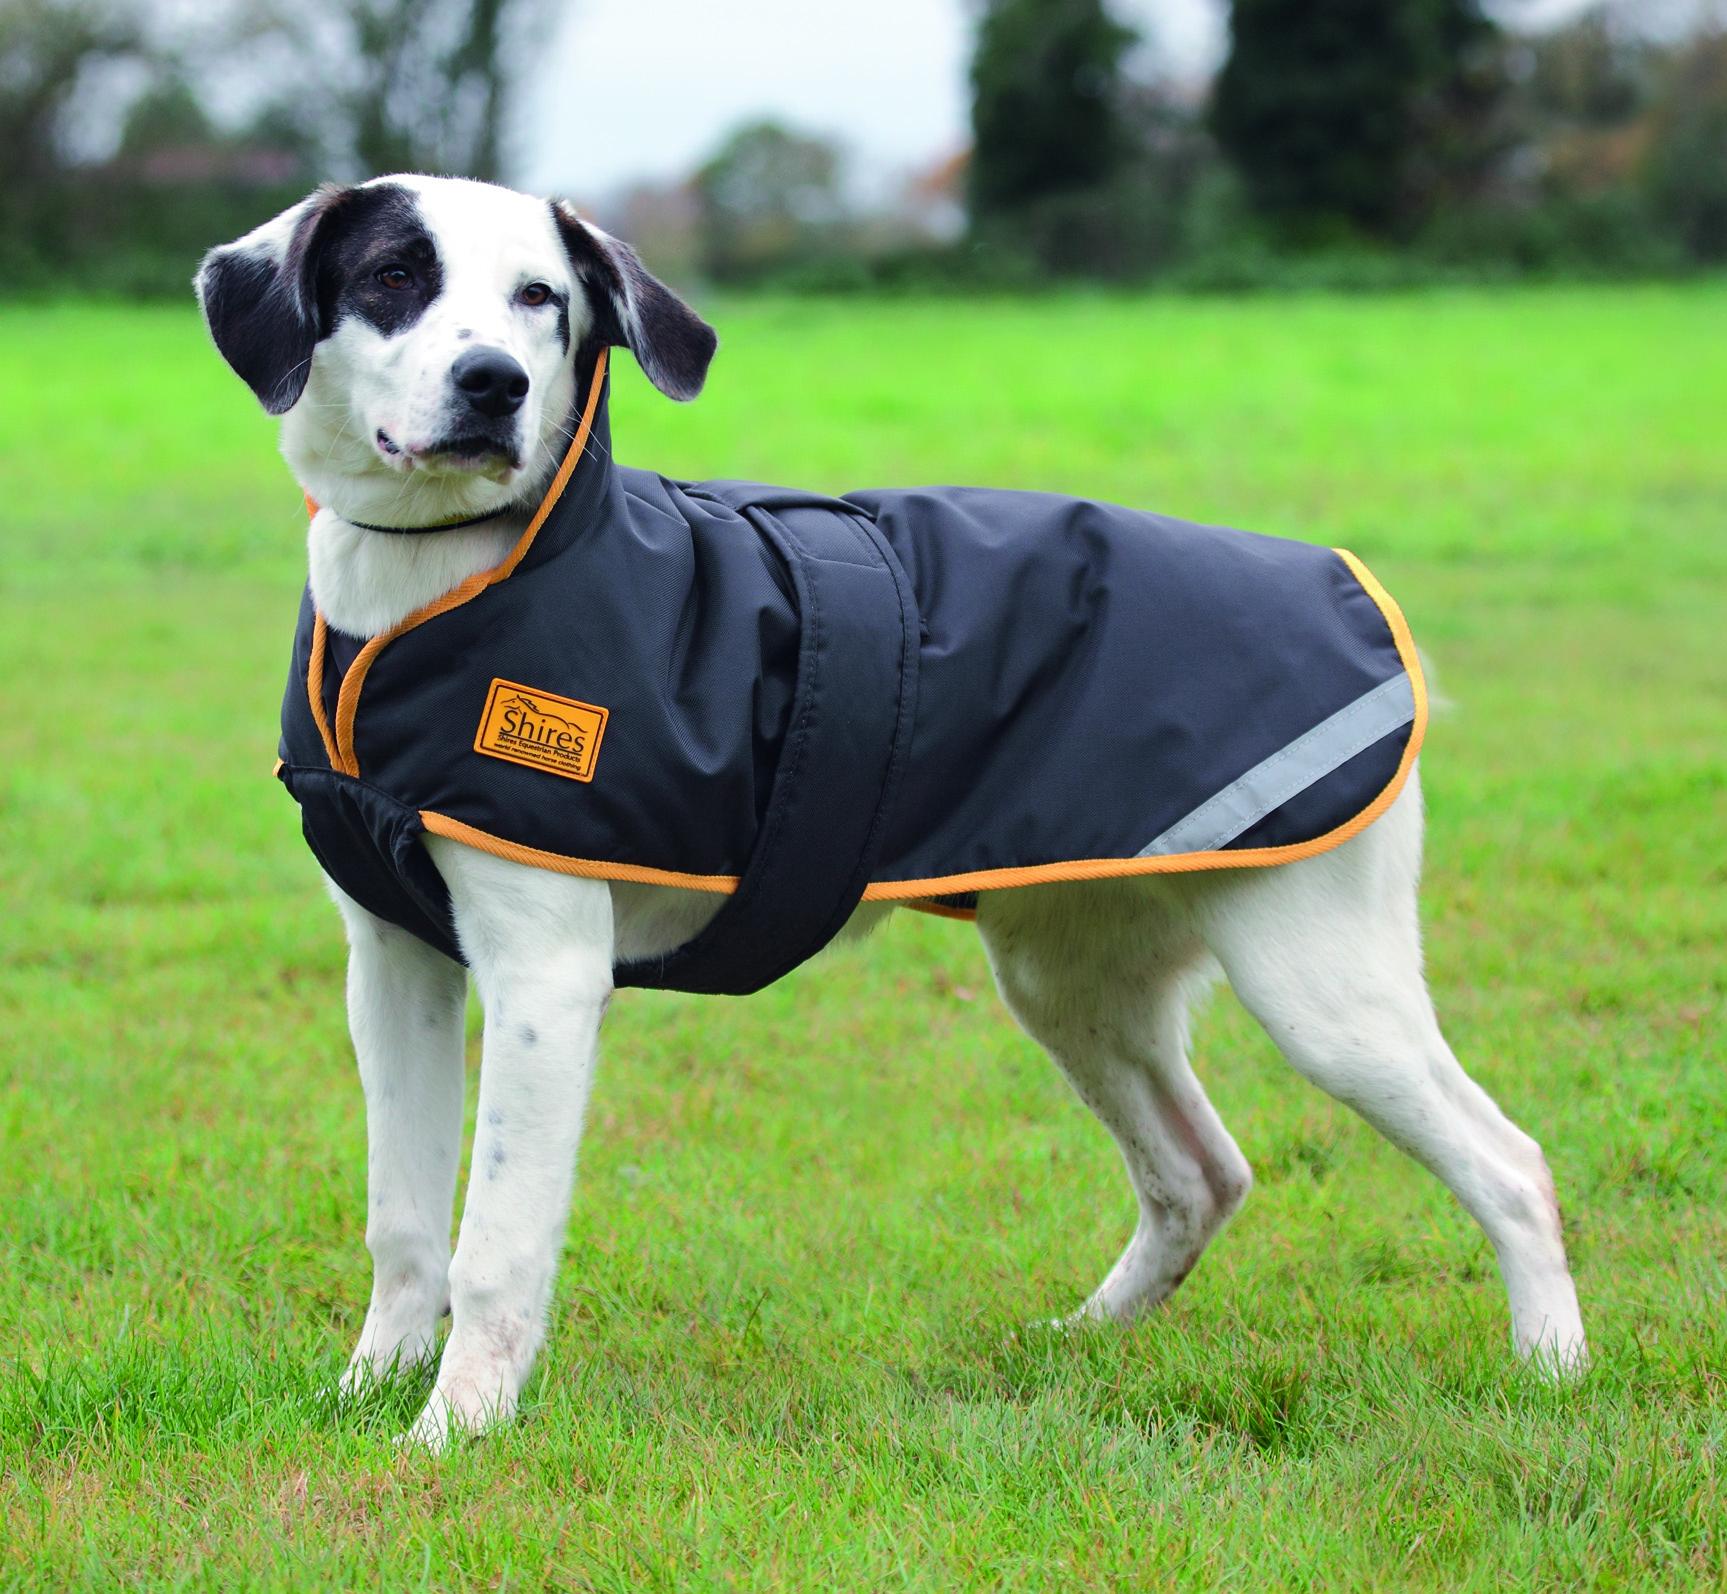 Shires Stormbreaker Dog Coat